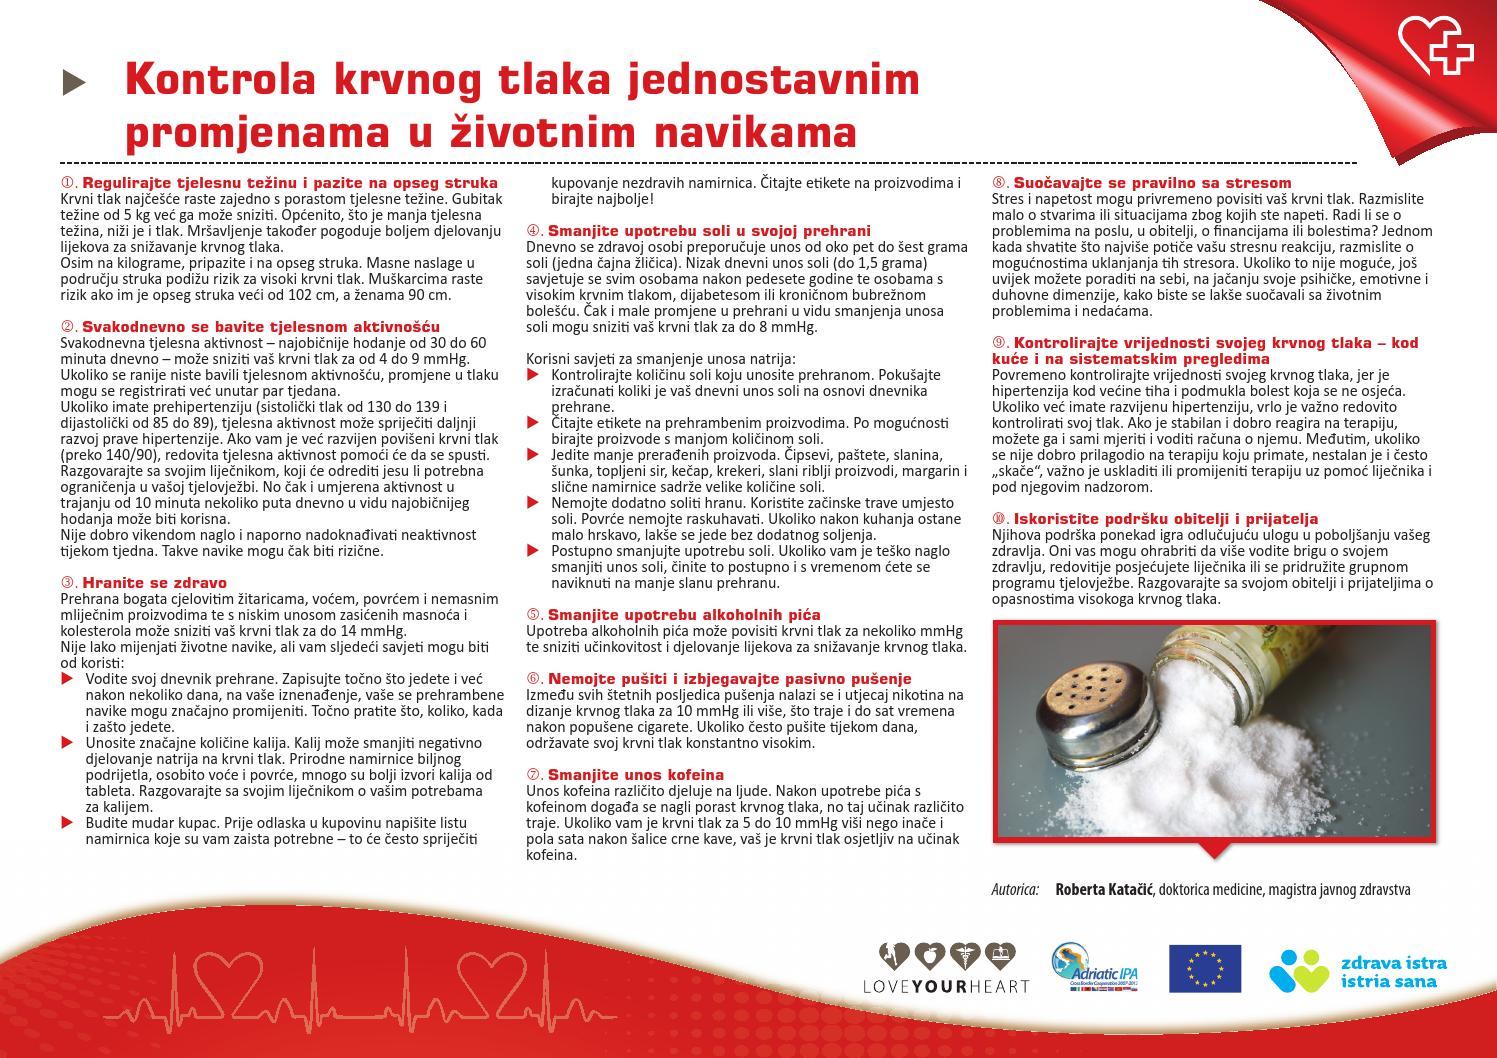 učinak hipertenzije po osobi)